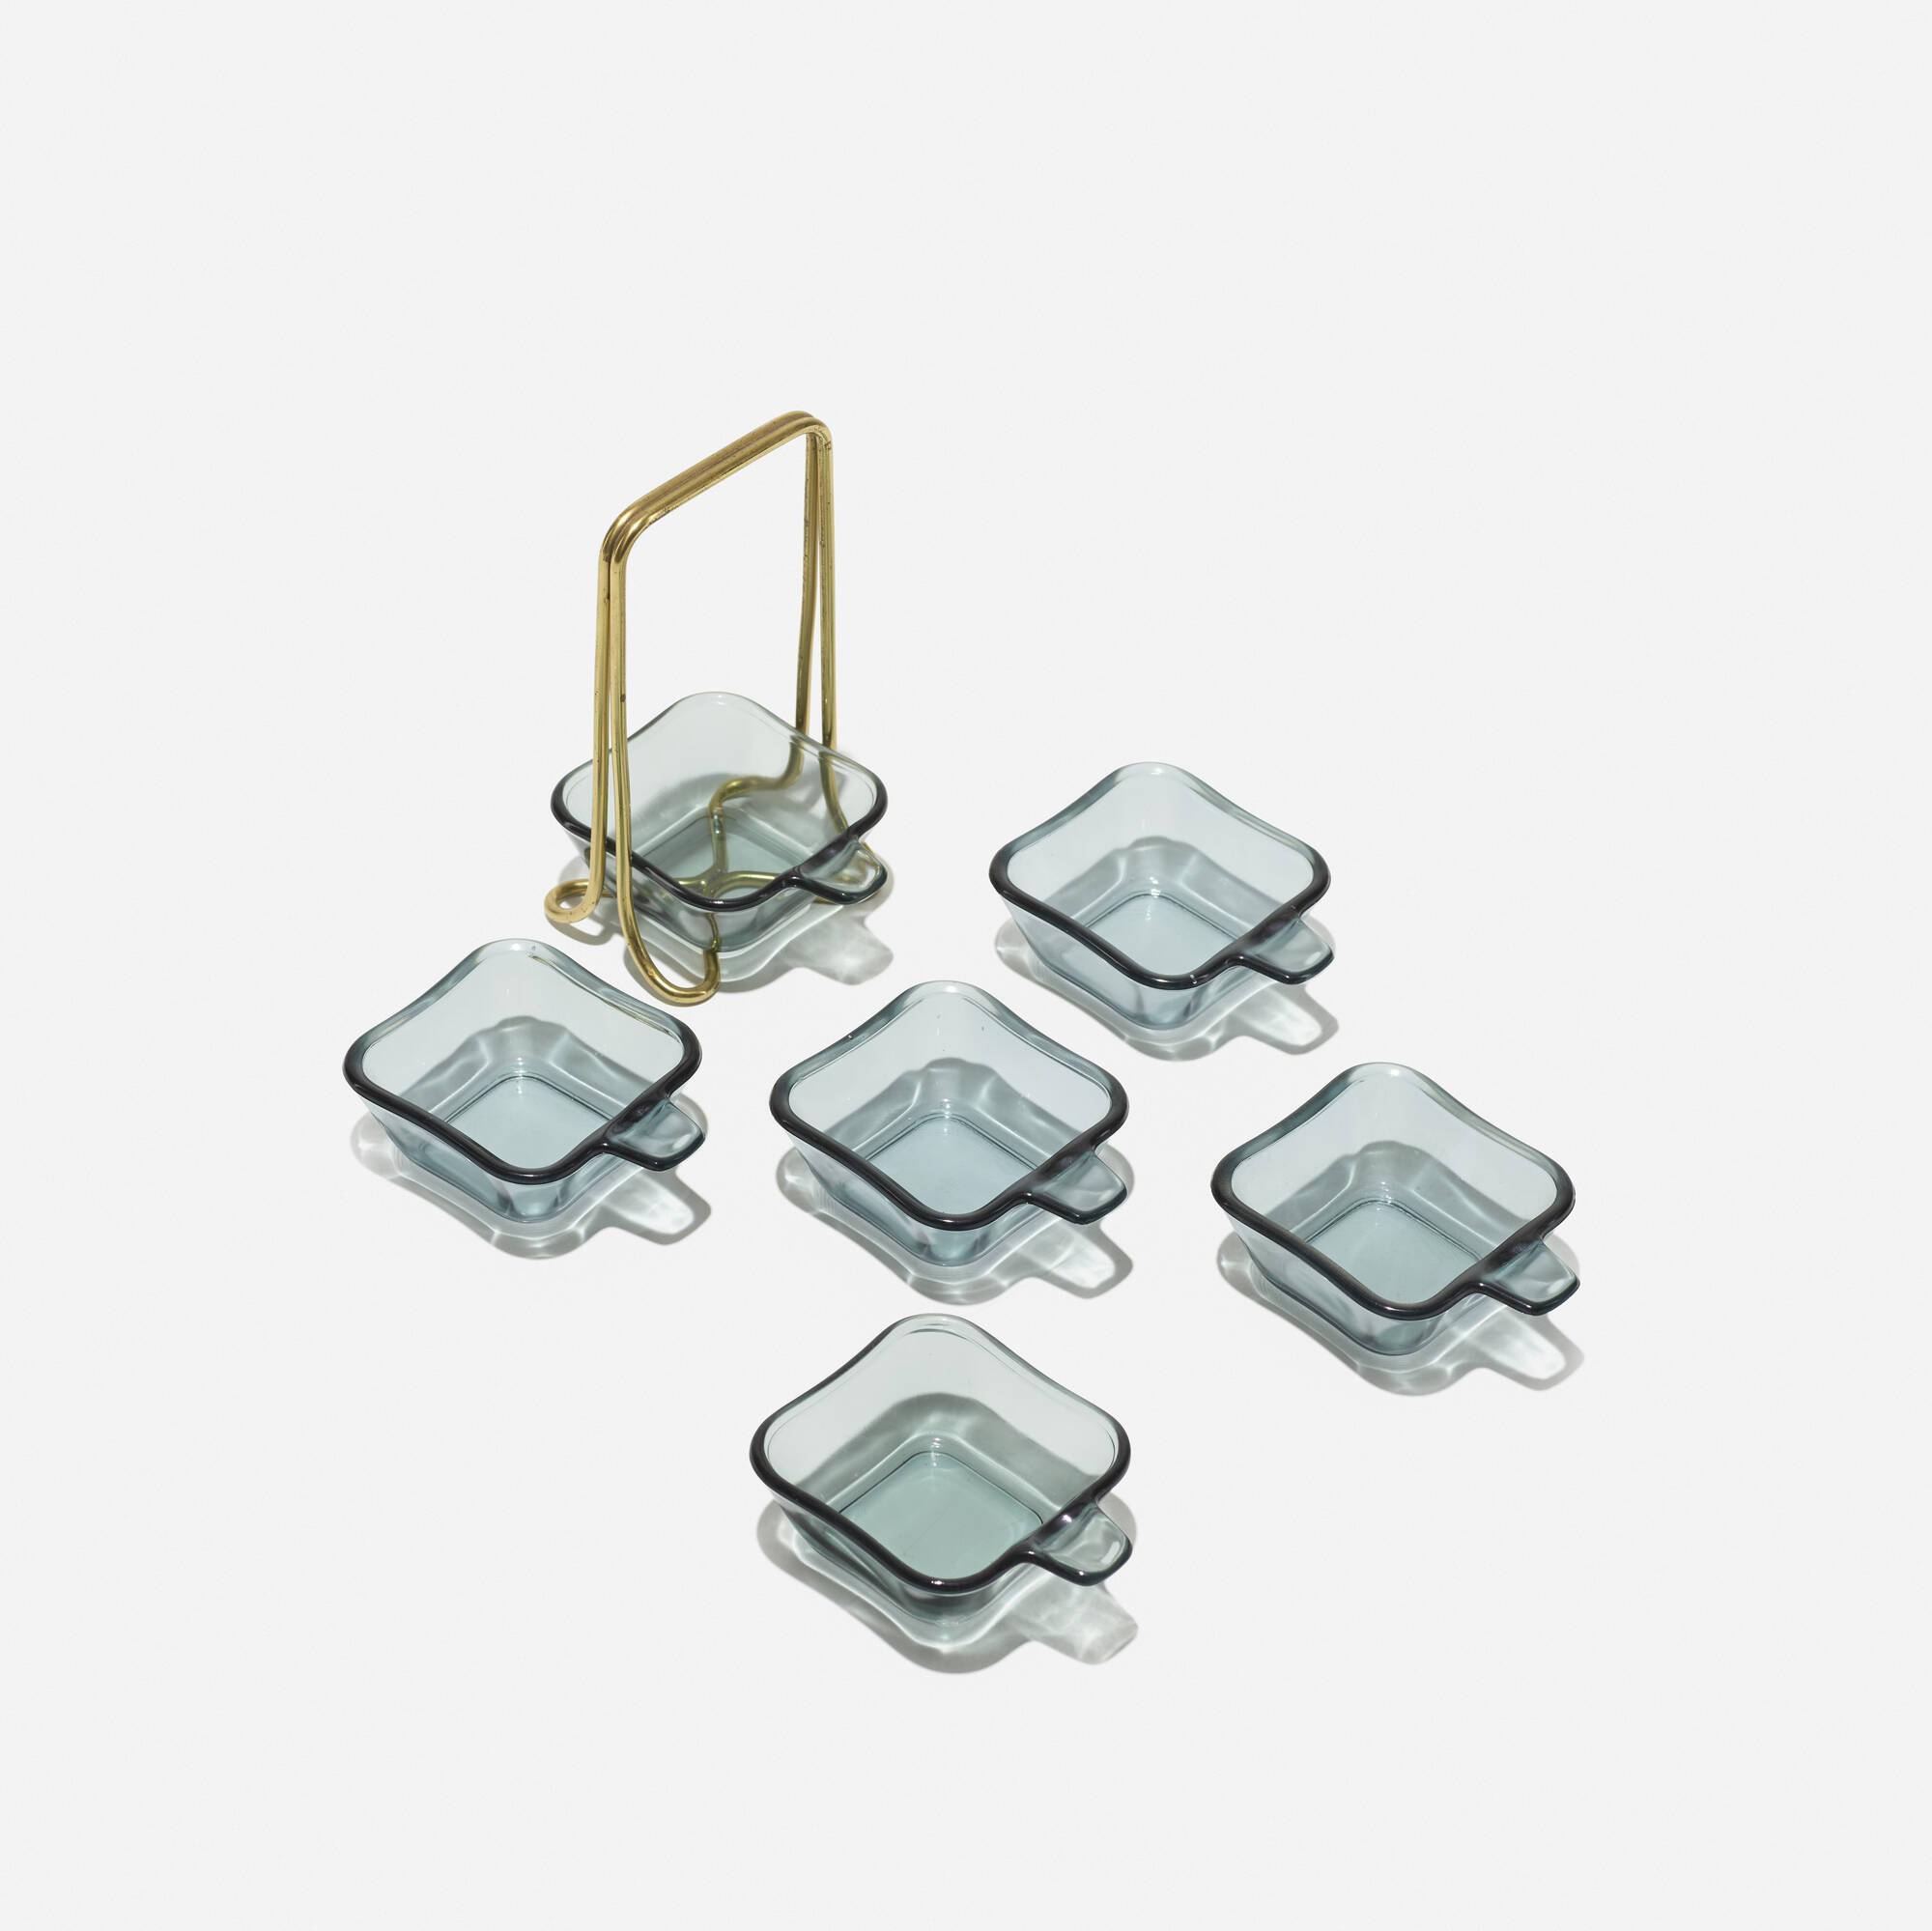 433: Wilhelm Wagenfeld / Pile ashtray set (1 of 2)